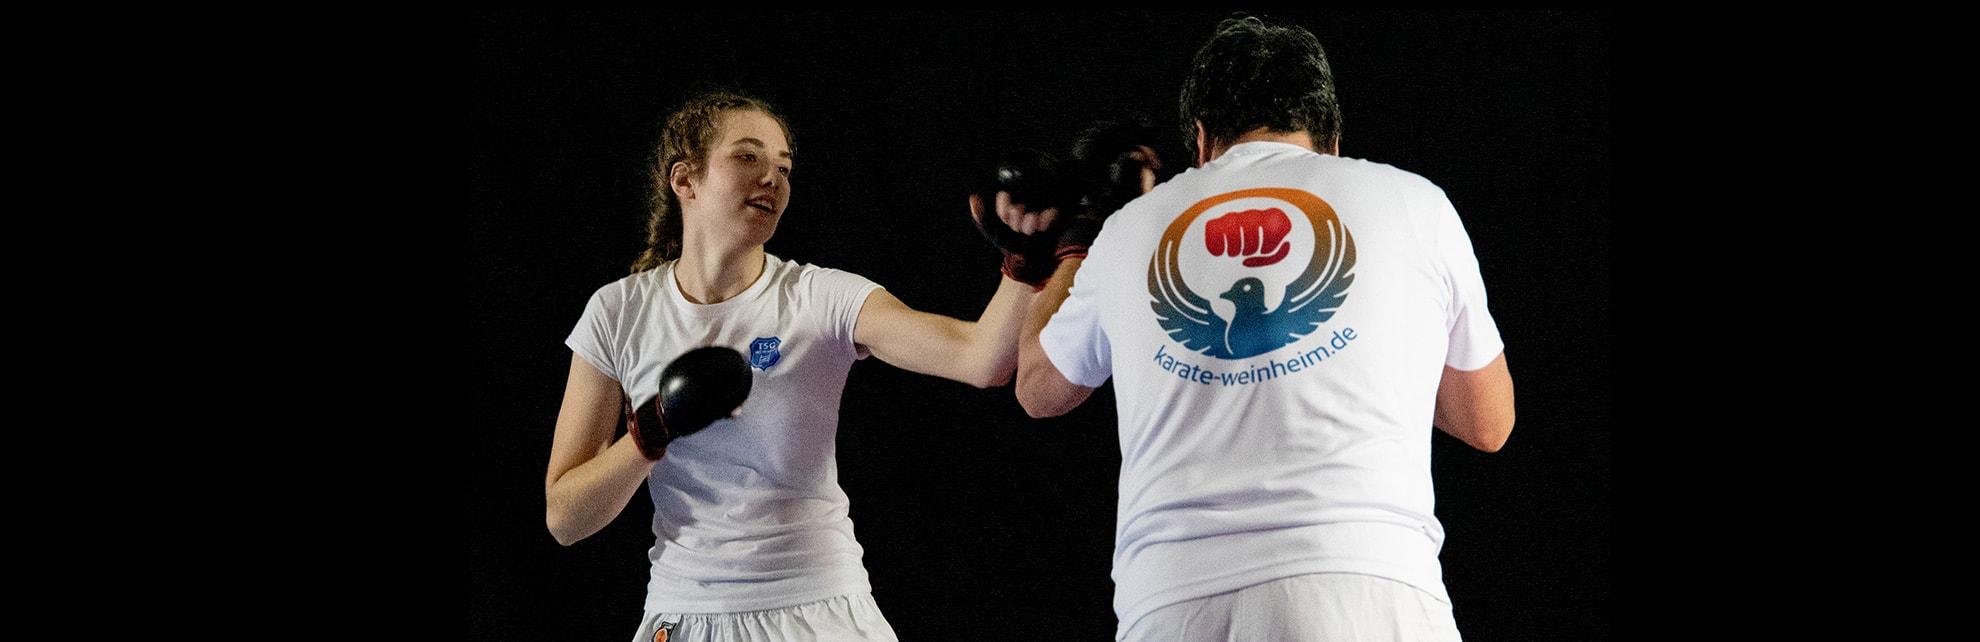 Karate der TSG Weinheim